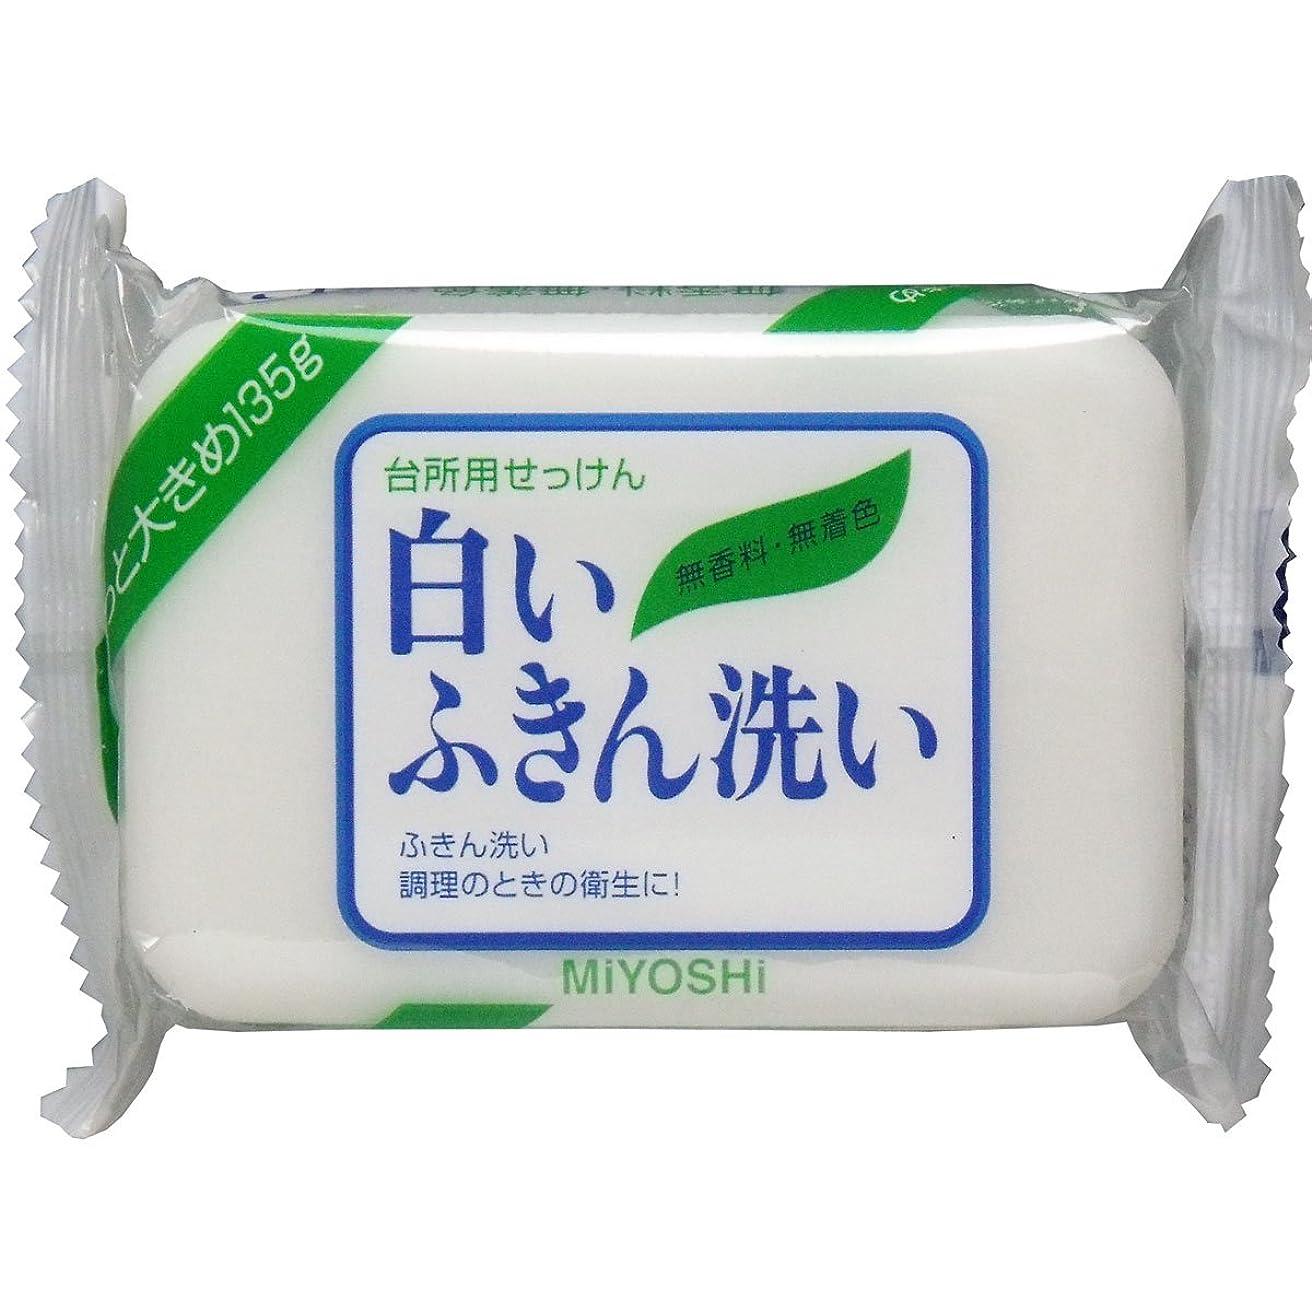 コインスリーブ万一に備えてミヨシ石鹸 白いふきん洗い 135g×12個